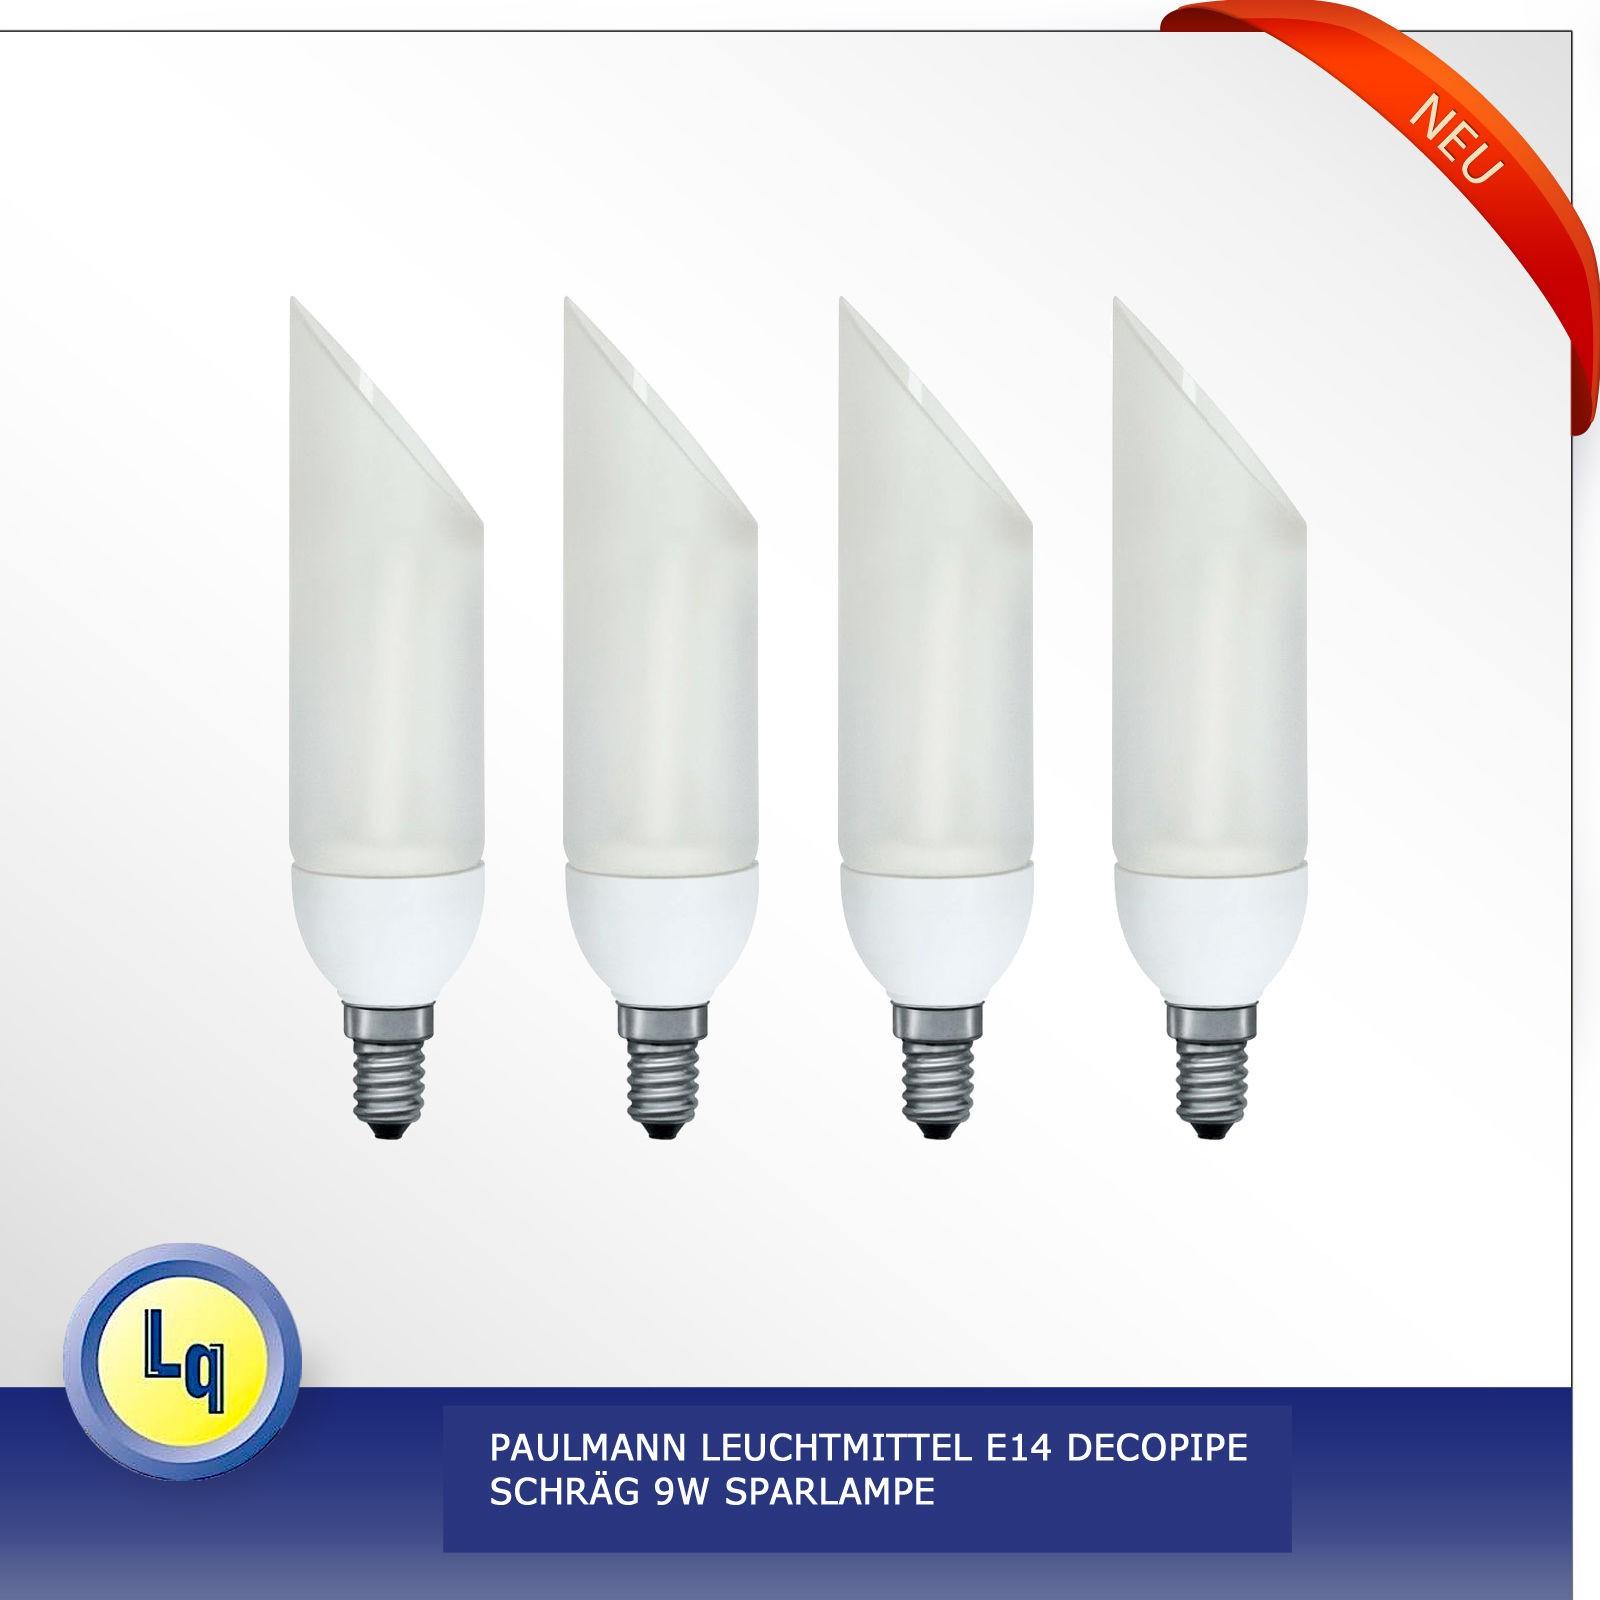 4x paulmann leuchtmittel e14 decopipe schr g 9w sparlampe ebay. Black Bedroom Furniture Sets. Home Design Ideas